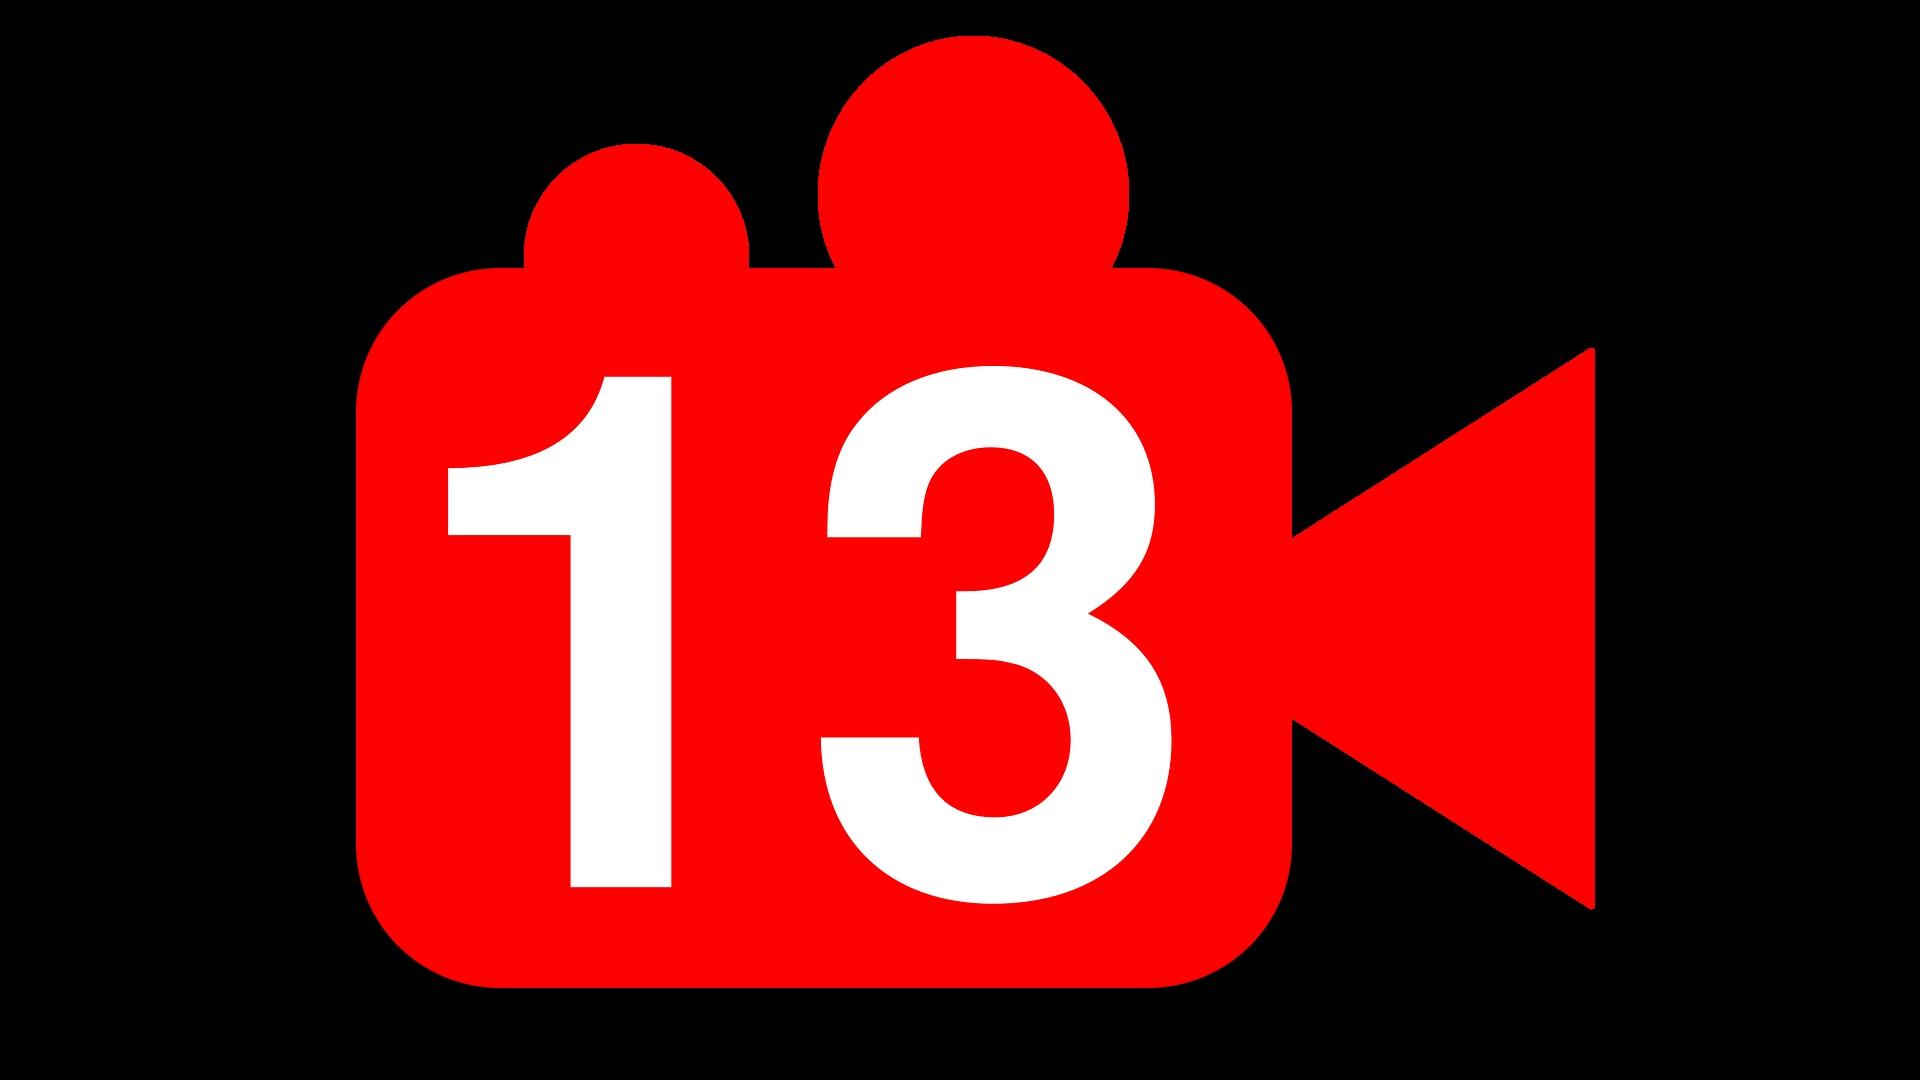 Articles 11 et 13 adoptés : à quoi faut-il s'attendre ?